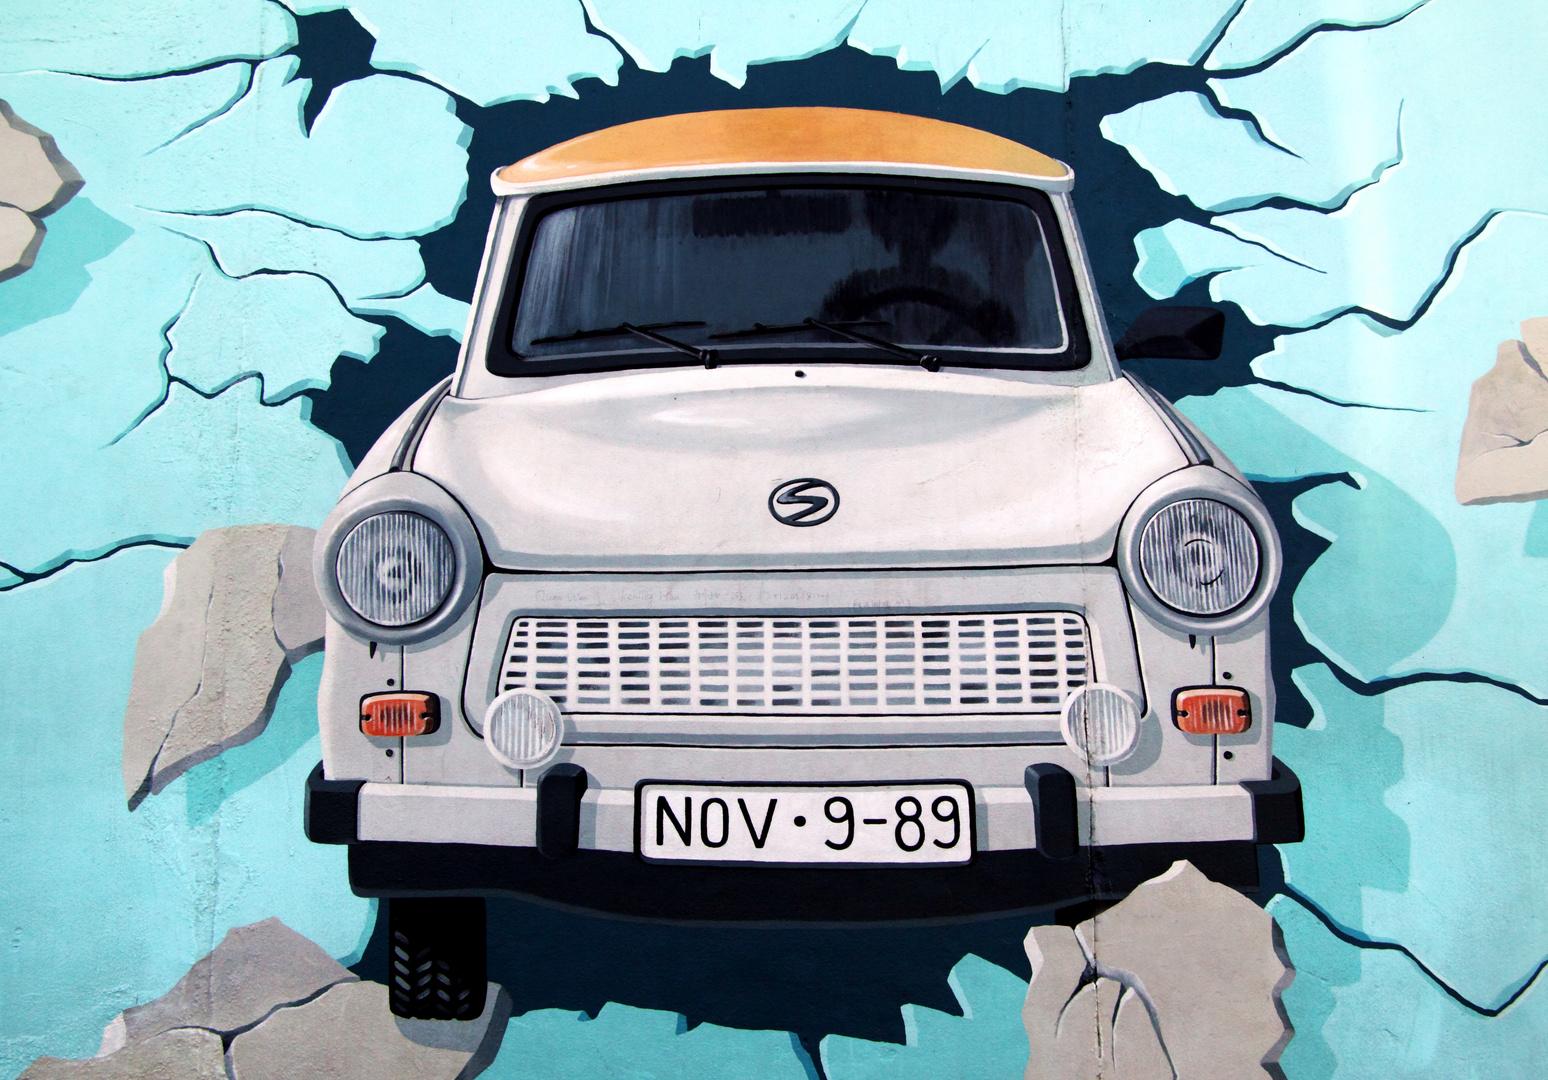 Deutsches Kult-Fahrzeug